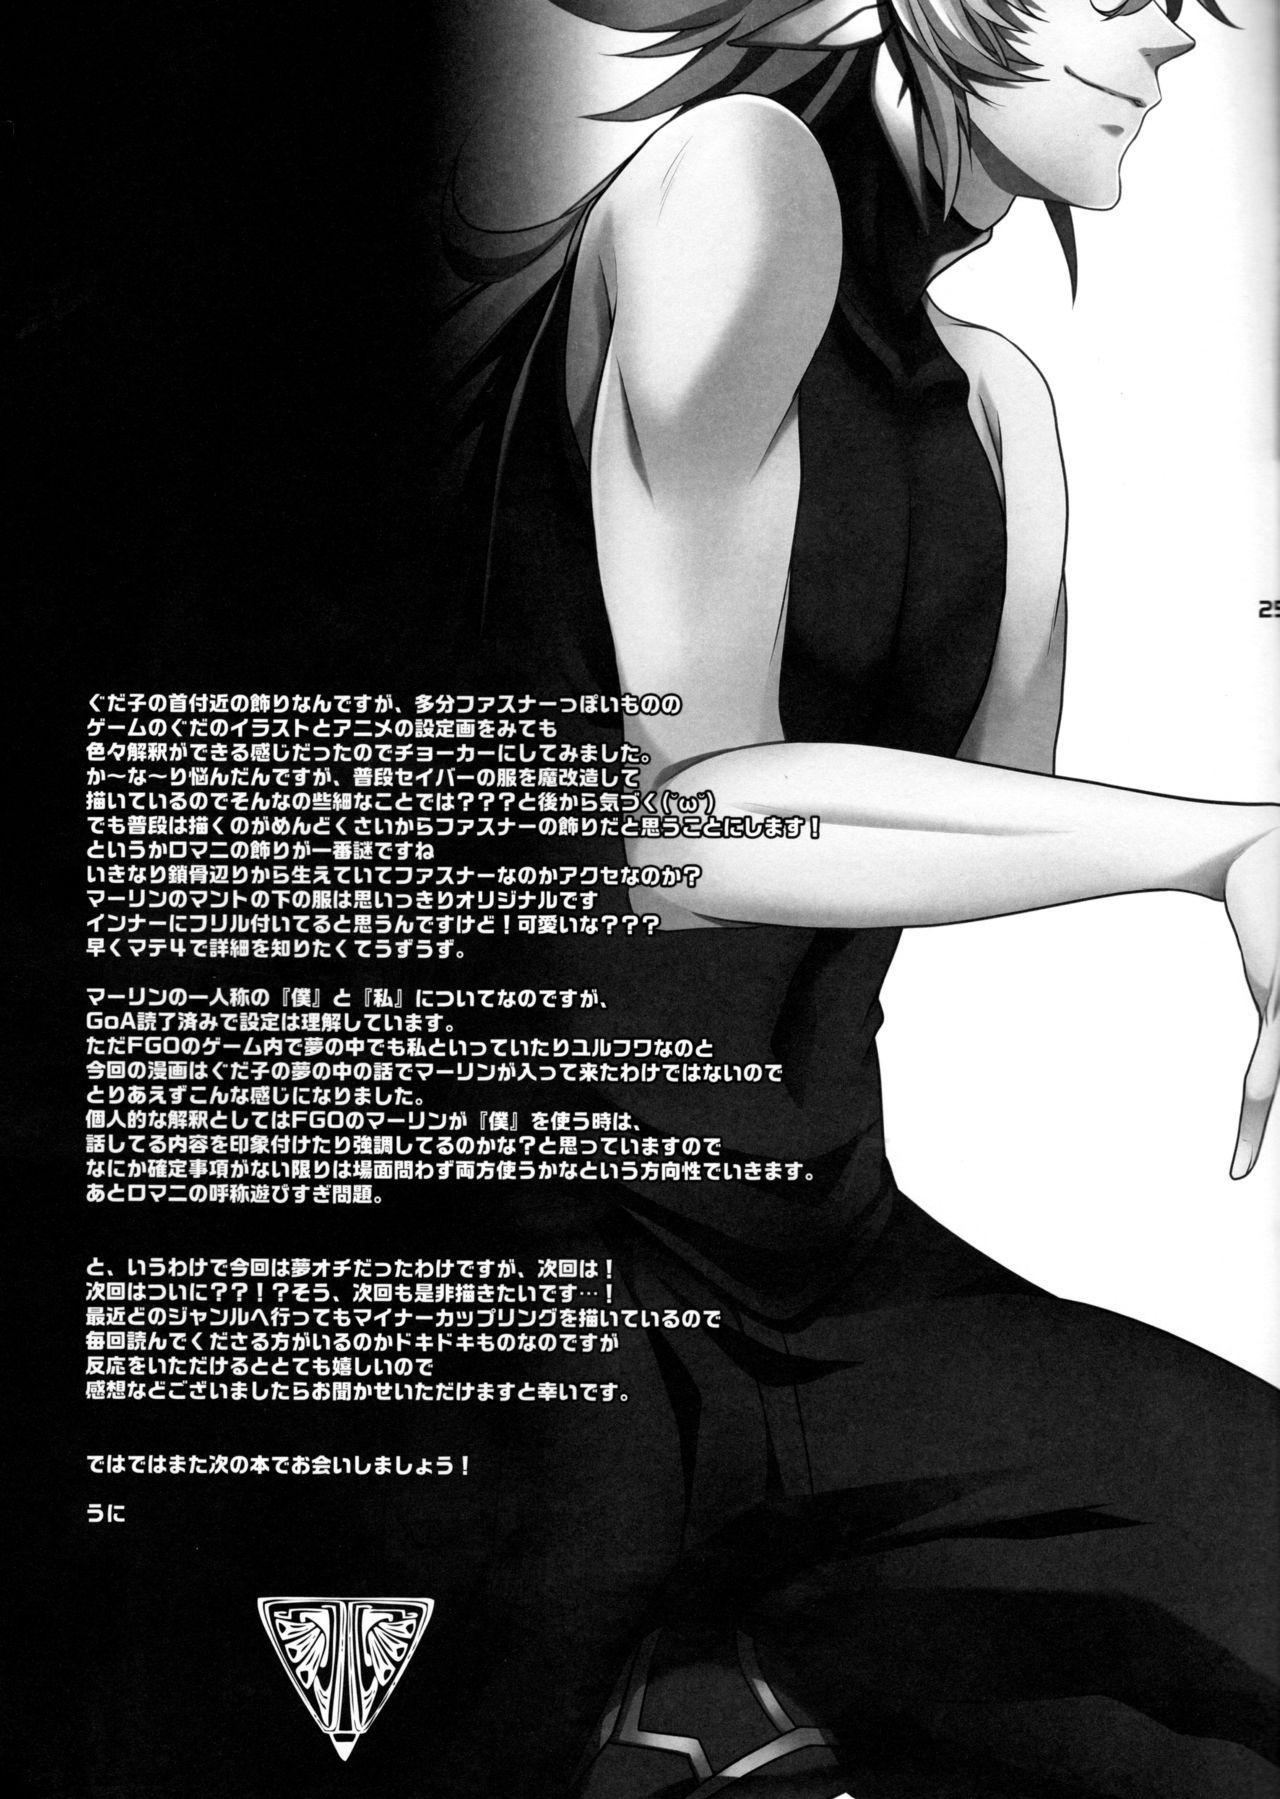 Gudako ga Muma-kun ni Yoshi Yoshi Ecchi Sarechau Hon 23